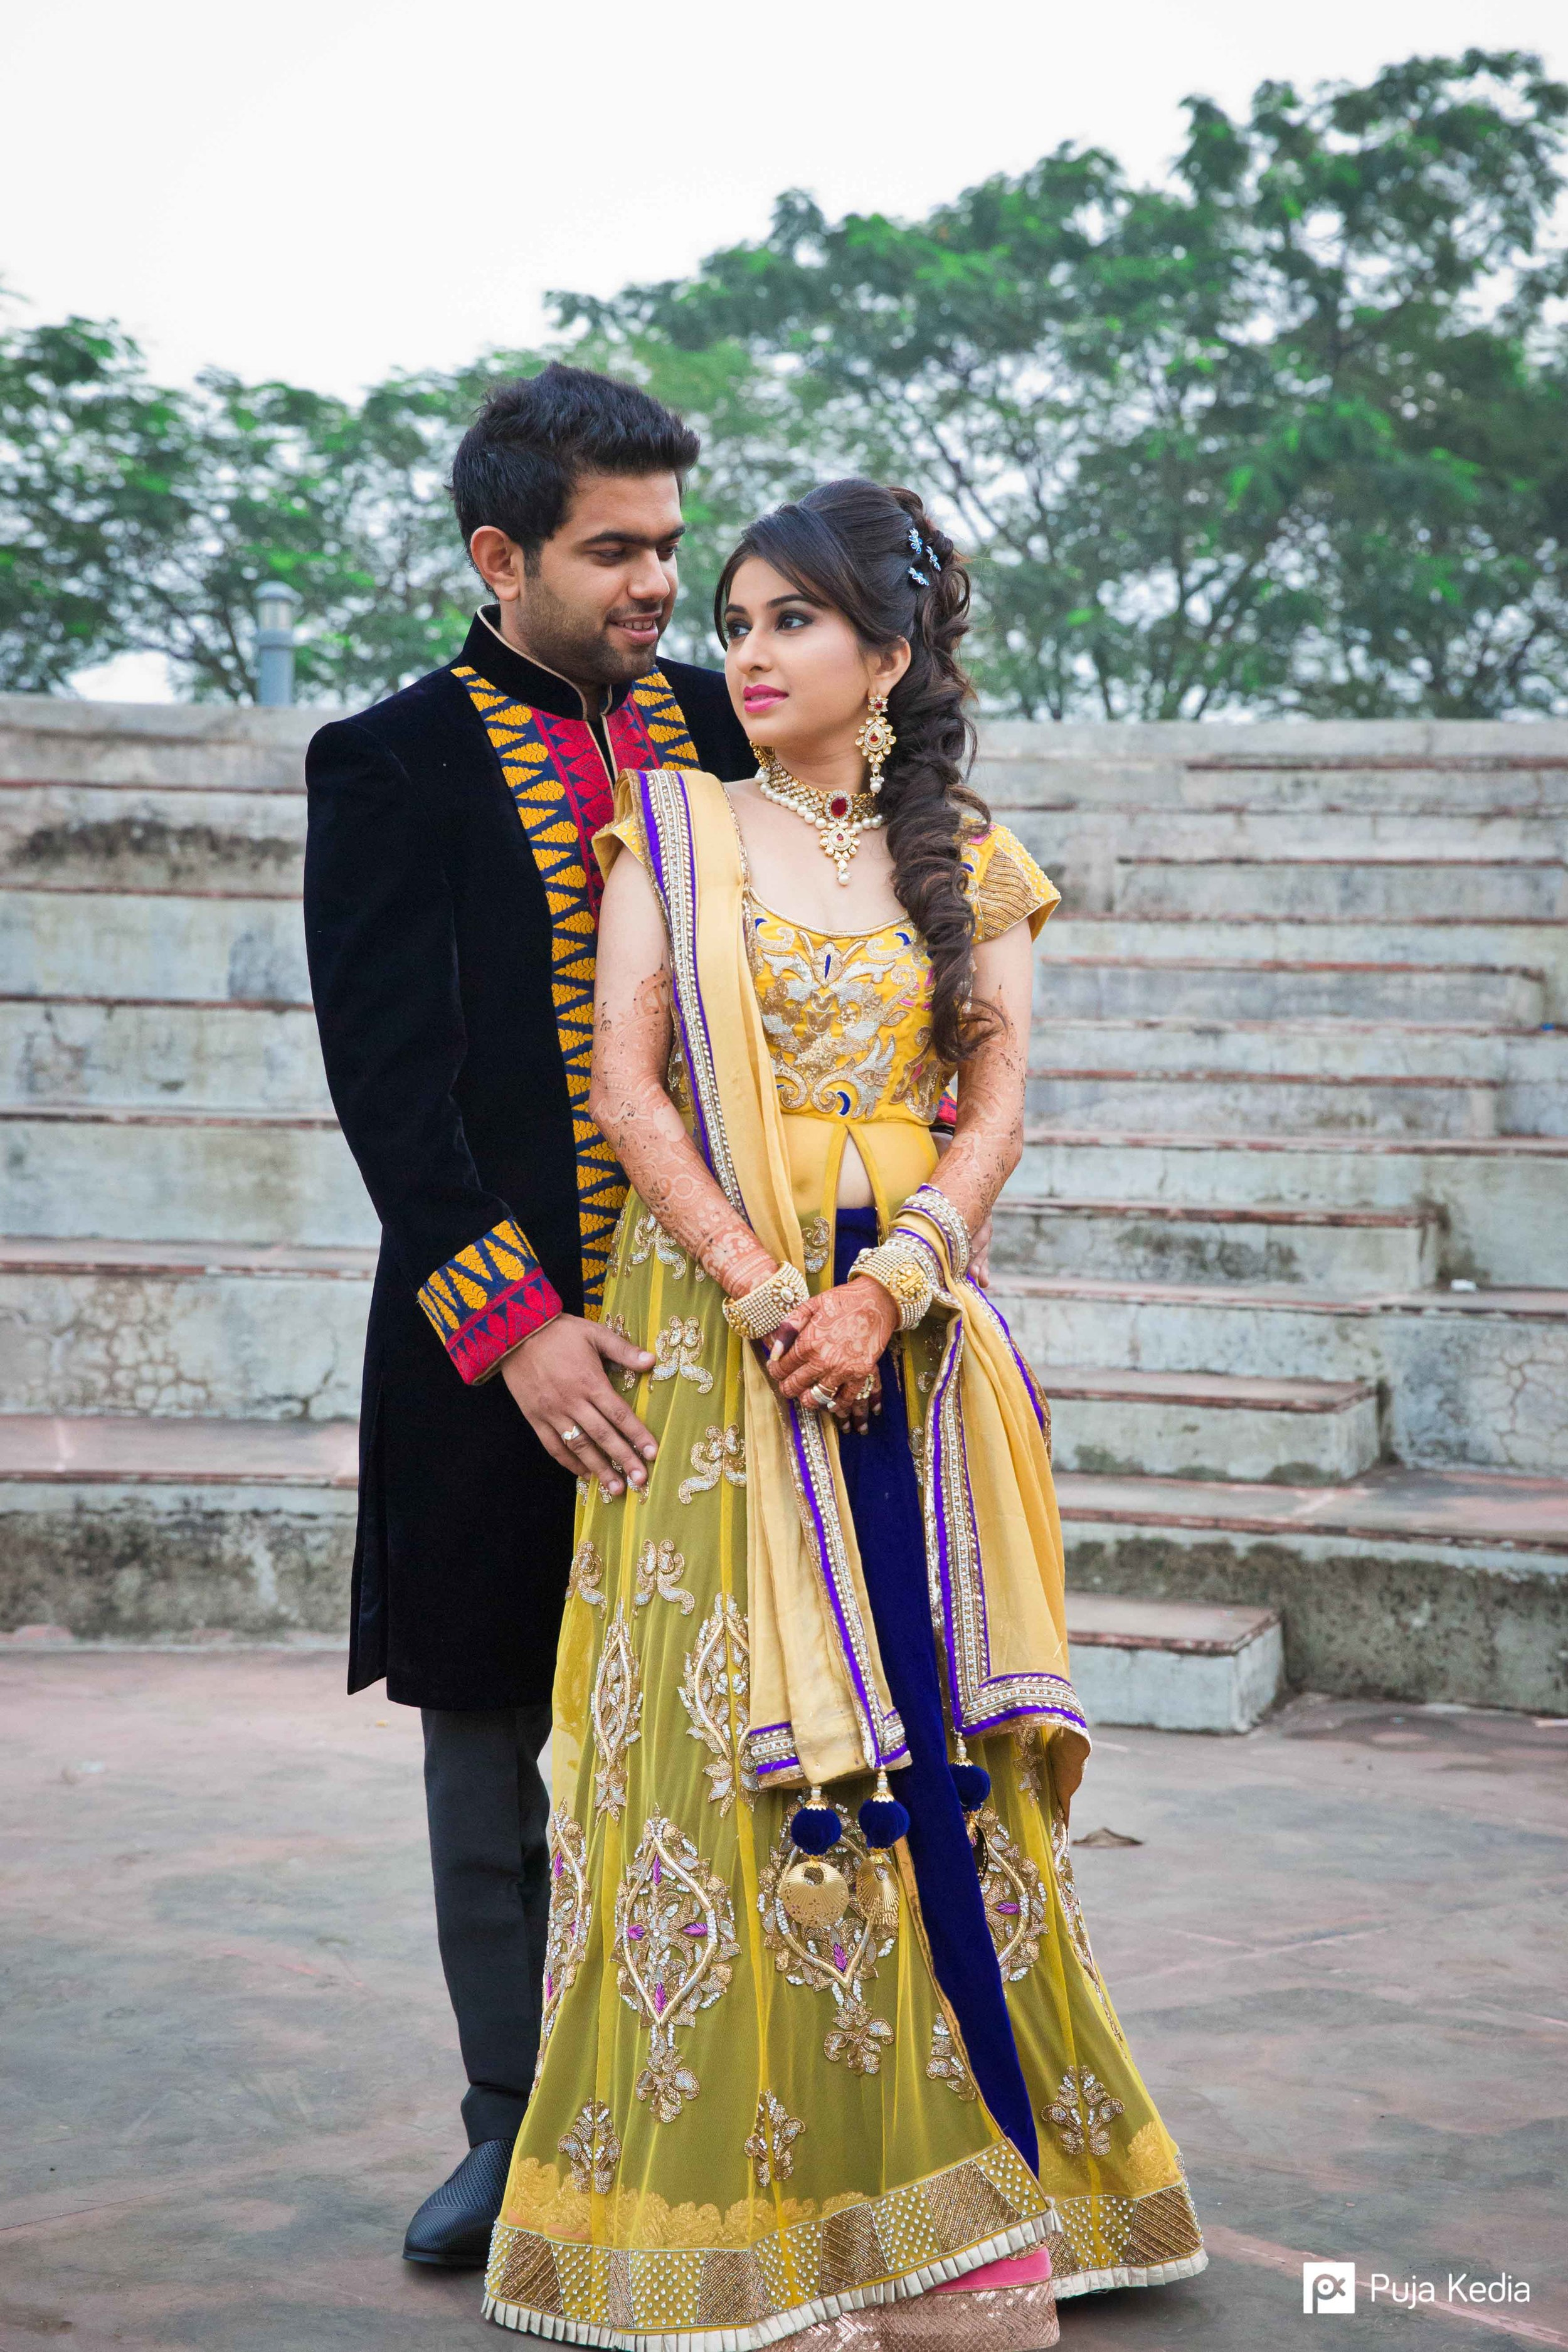 PujaKedia_WeddingPhotography-53.jpg